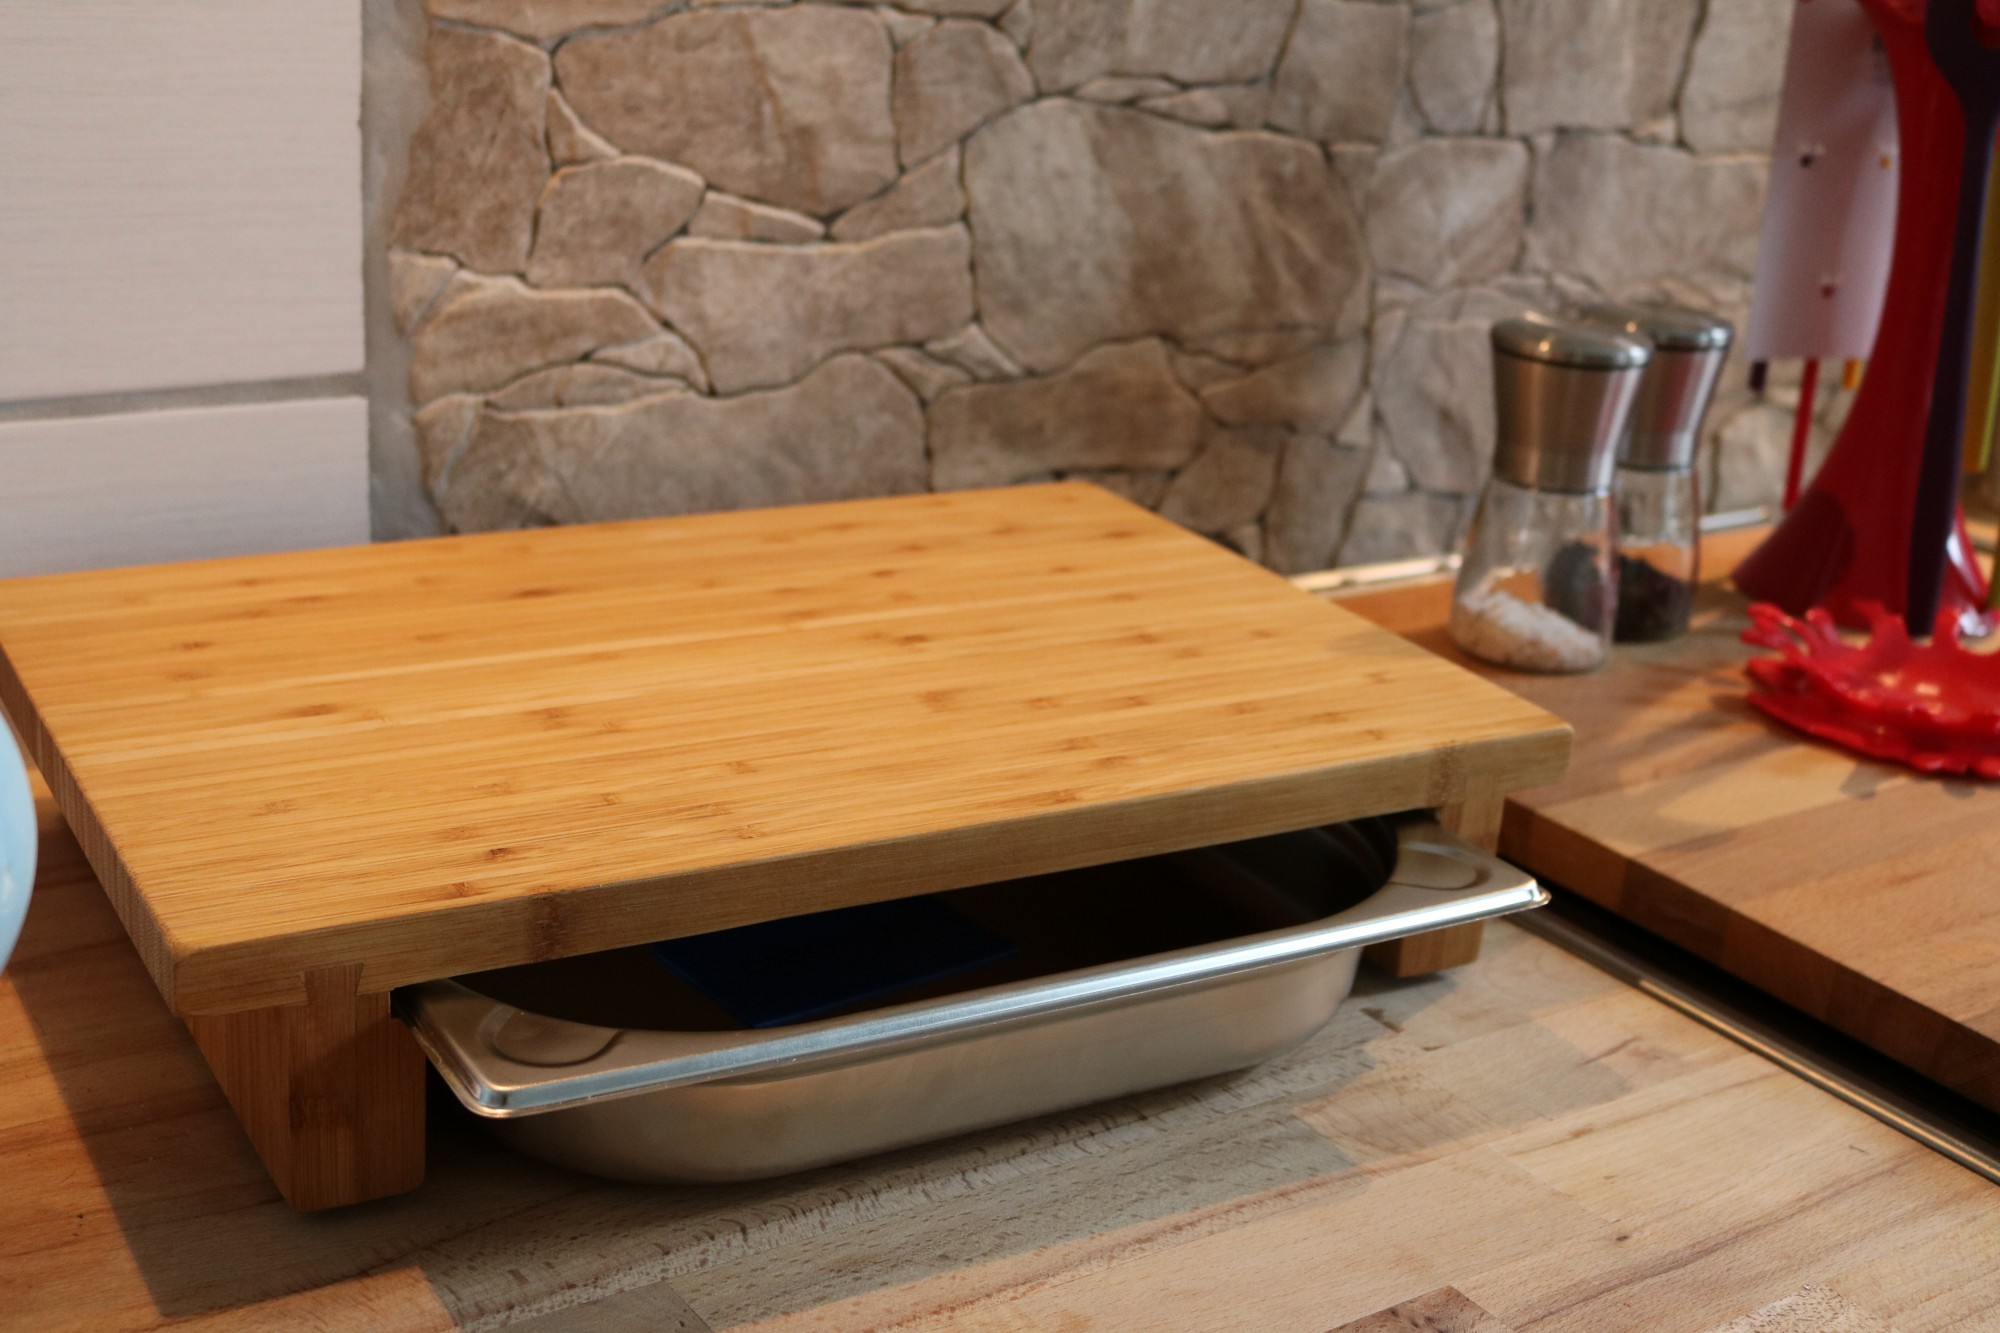 cleenbo sauber geschnibbelt kitchen schneidebrett mit gewinnspiel frinis testst bchen. Black Bedroom Furniture Sets. Home Design Ideas